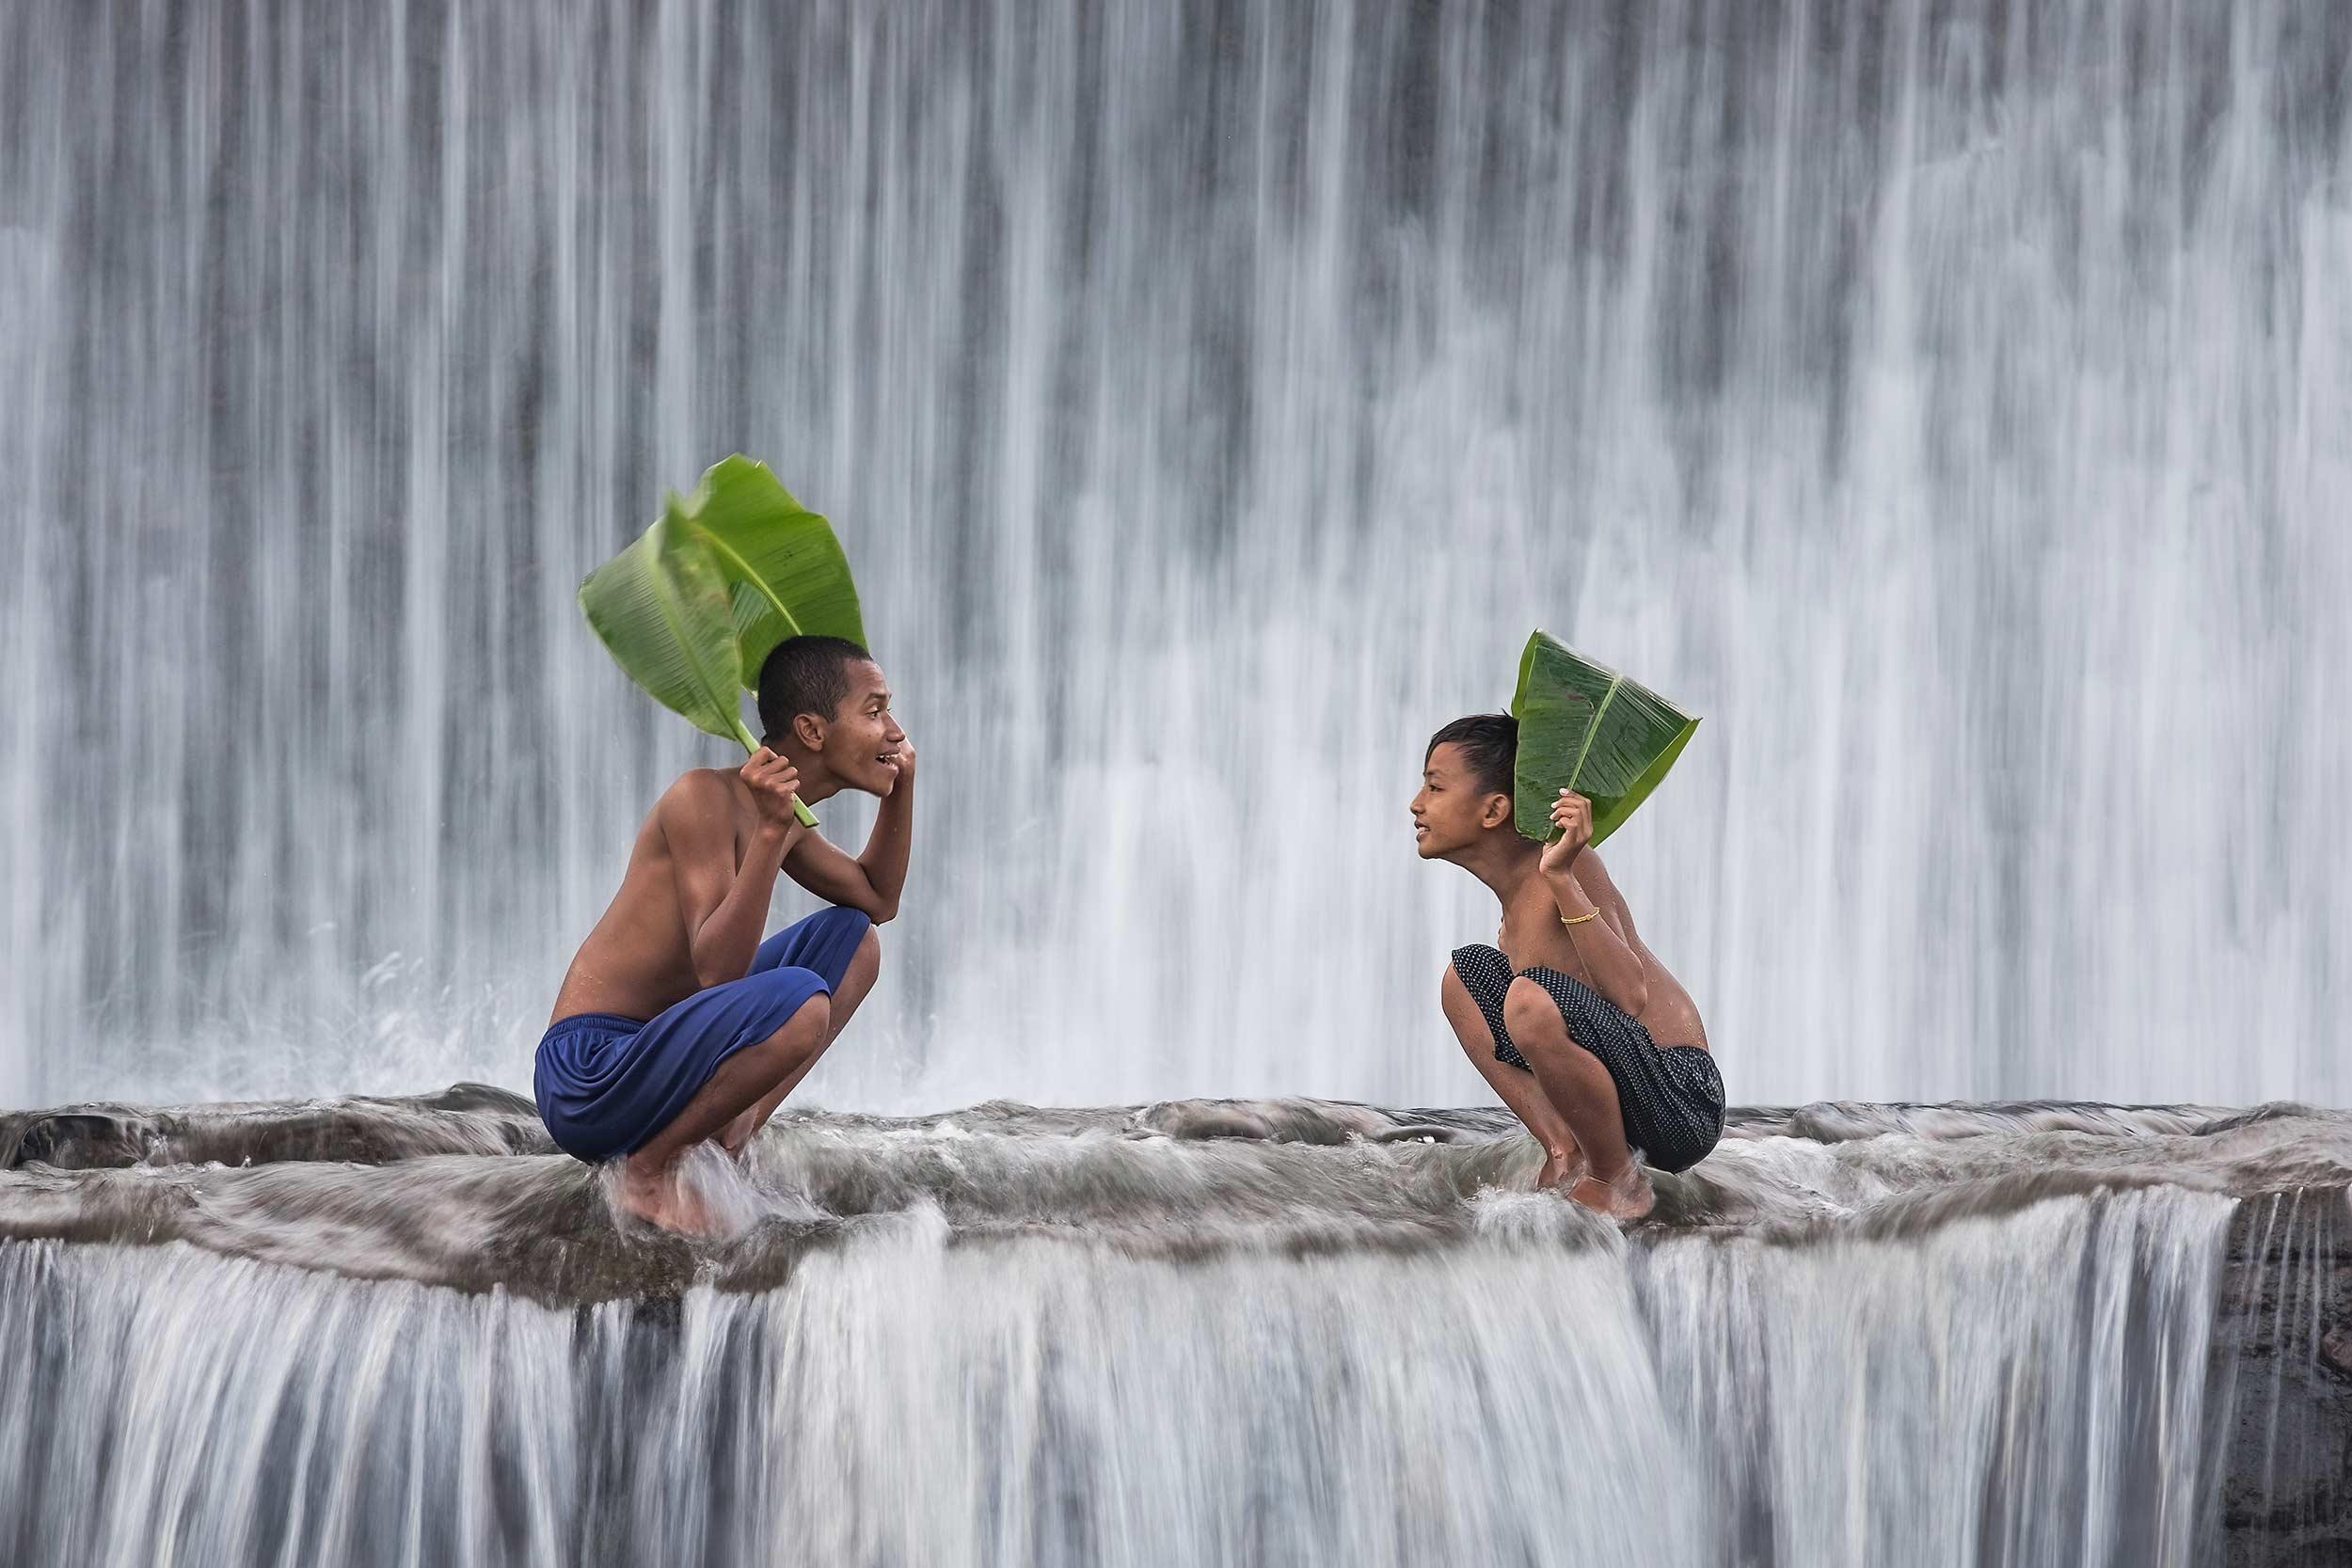 Curso de Iniciação à Fotografia(versão de fim-de-semana) - DATA A ANUNCIAR BREVEMENTELISBOA | FIM DE SEMANA | EM PORTUGuÊSformadorEs: joel Santos e MAGALI tarouca